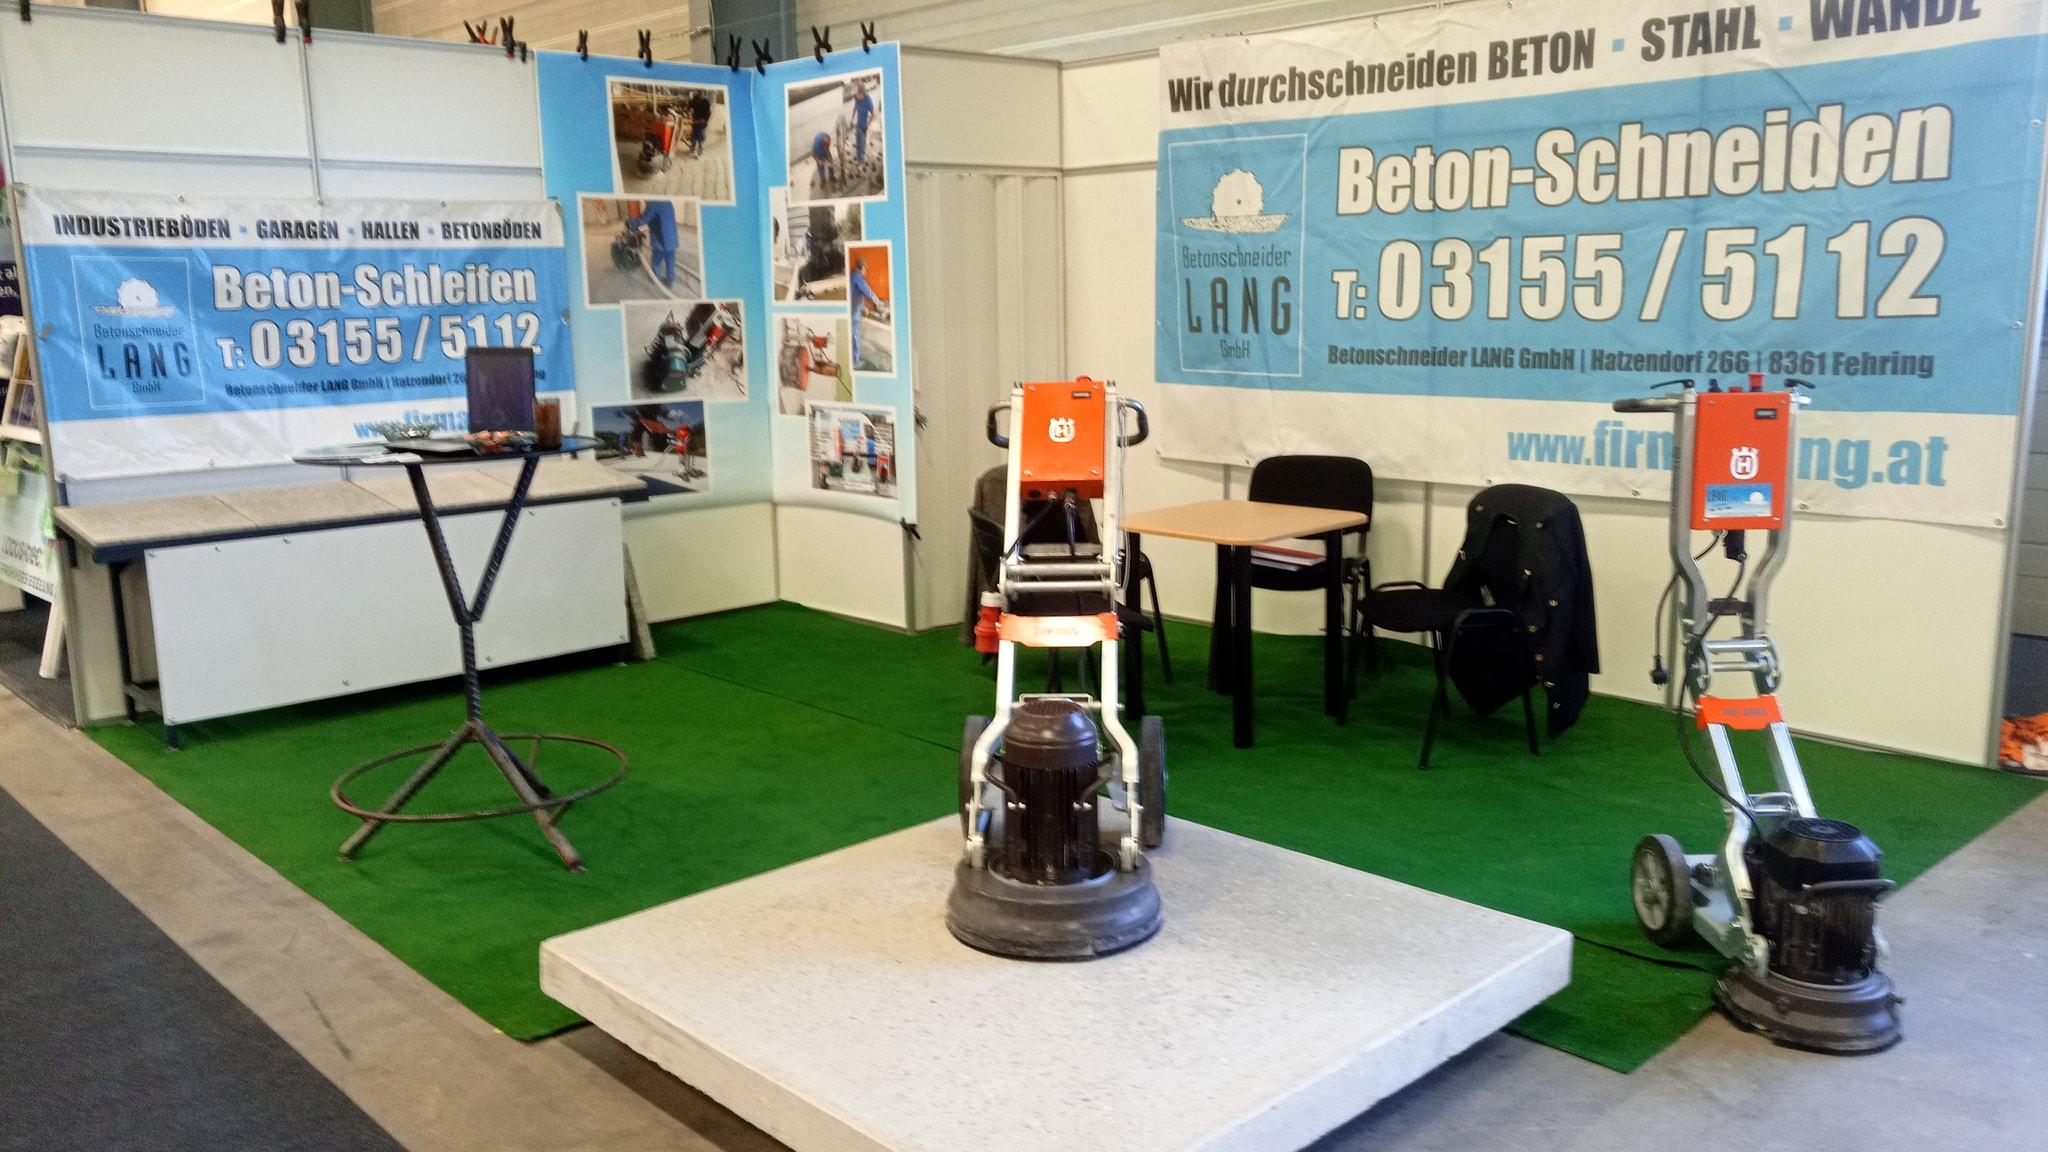 Betonschneider Lang GmbH